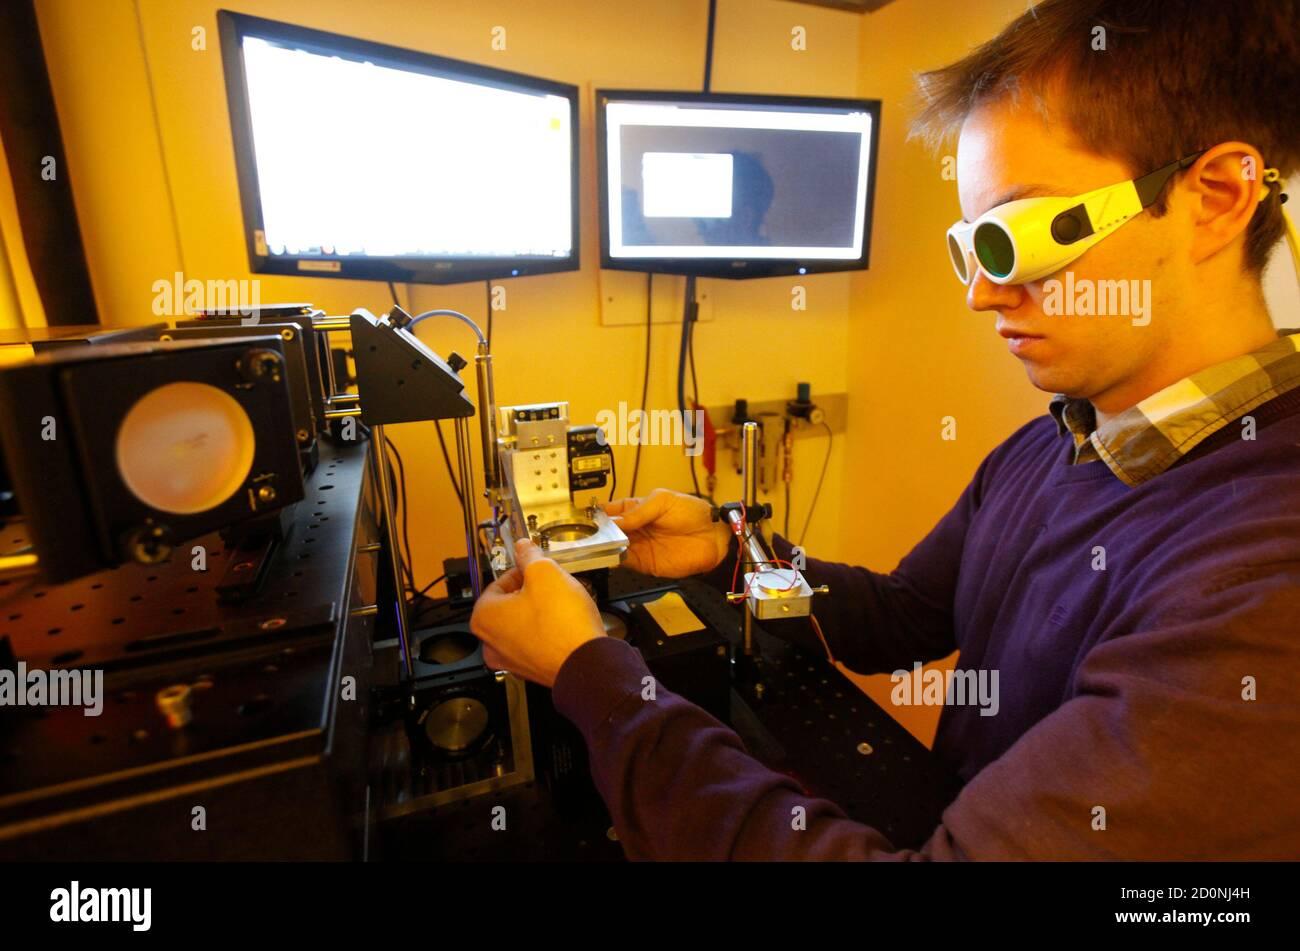 Dissertation-Student Jan Torgersen von der technischen Universität Wien betreibt einen neu entwickelten 3D Laser-Drucker in Wien 29. März 2012. Torgersen und Kollegen haben einen neuen Geschwindigkeits-Weltrekord für die Erstellung von 3D Nano-Objekte eingestellt. Das Hochschulteam erstellen ihre Körnchen Sand-Size-Strukturen in nur vier Minuten, einen Bruchteil der Zeit, die anderen Elemente zuvor gedruckt wurden. Bisher machen komplexe 3D Großstrukturen würde dauern Stunden oder sogar Tage aber mit der neu entwickelten 3D Laser-Drucker die Wissenschaftler, die sich um den Faktor von 500 oder in einigen Fällen 1.000mal beschleunigen können. Der Prozess Stockfoto